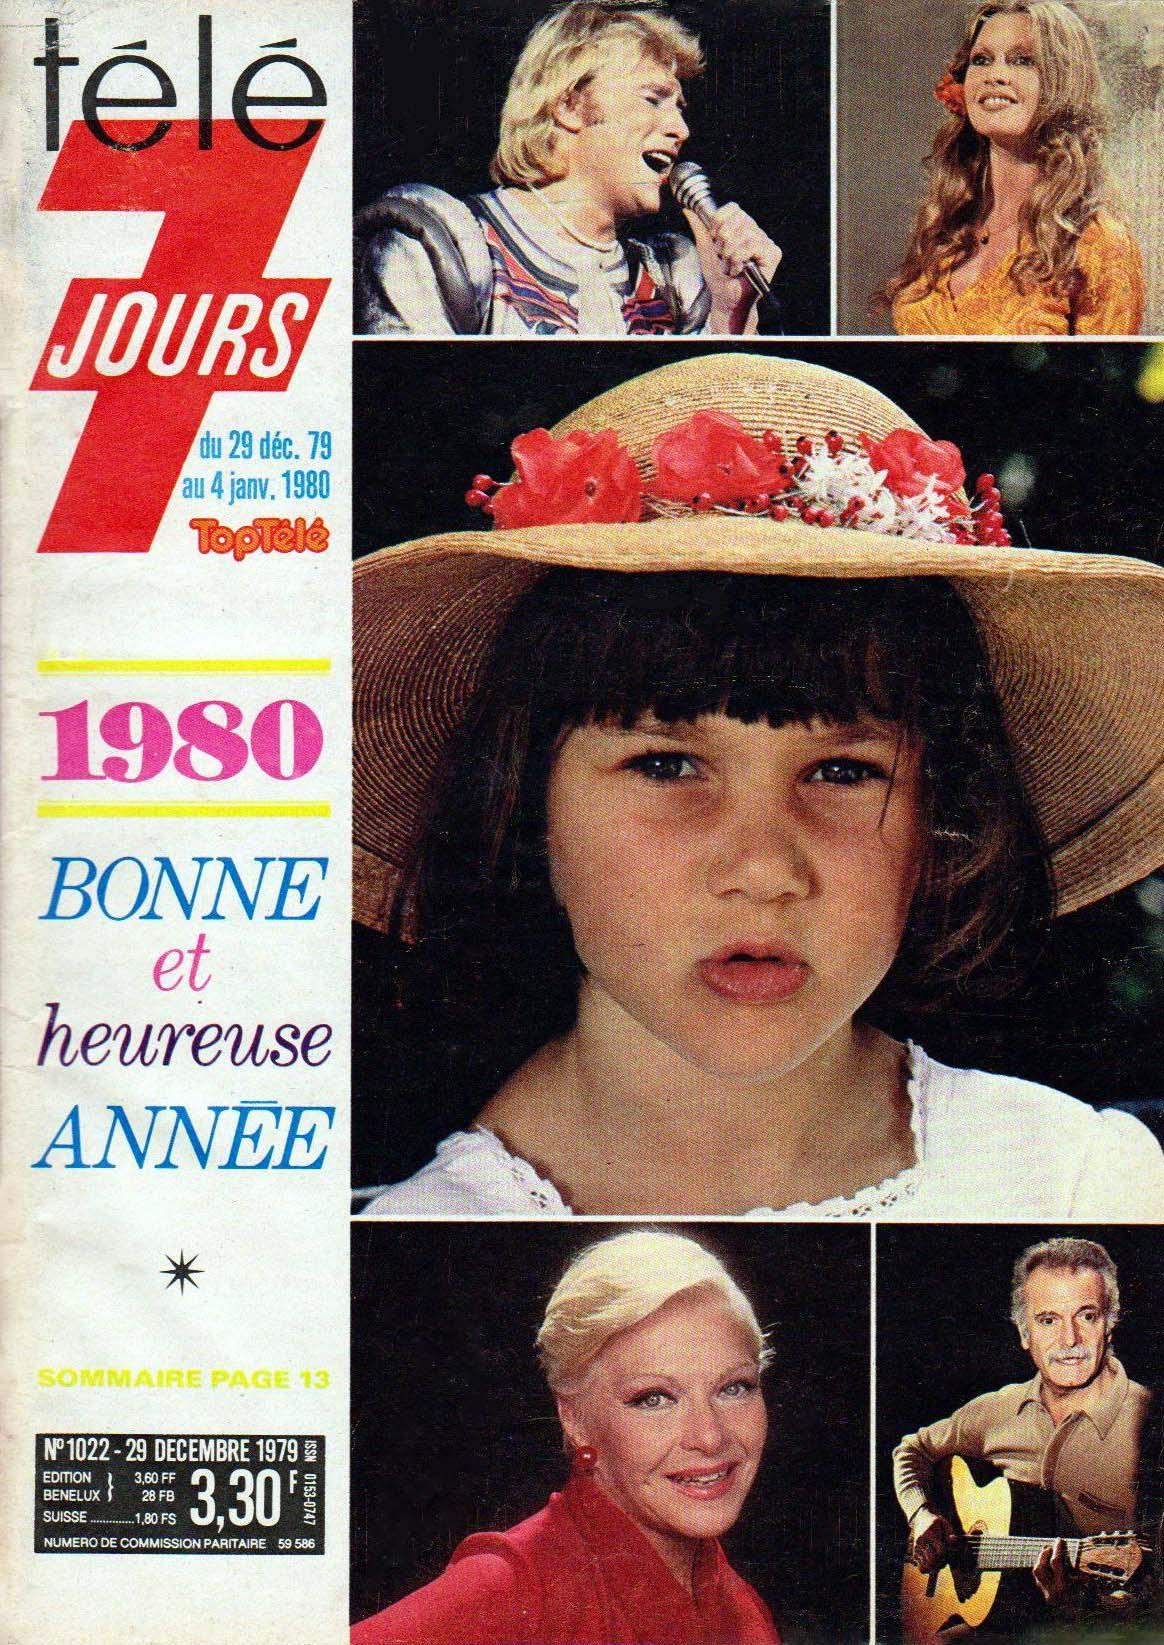 Programme TV du 28 décembre 1979 au 4 janvier 1980